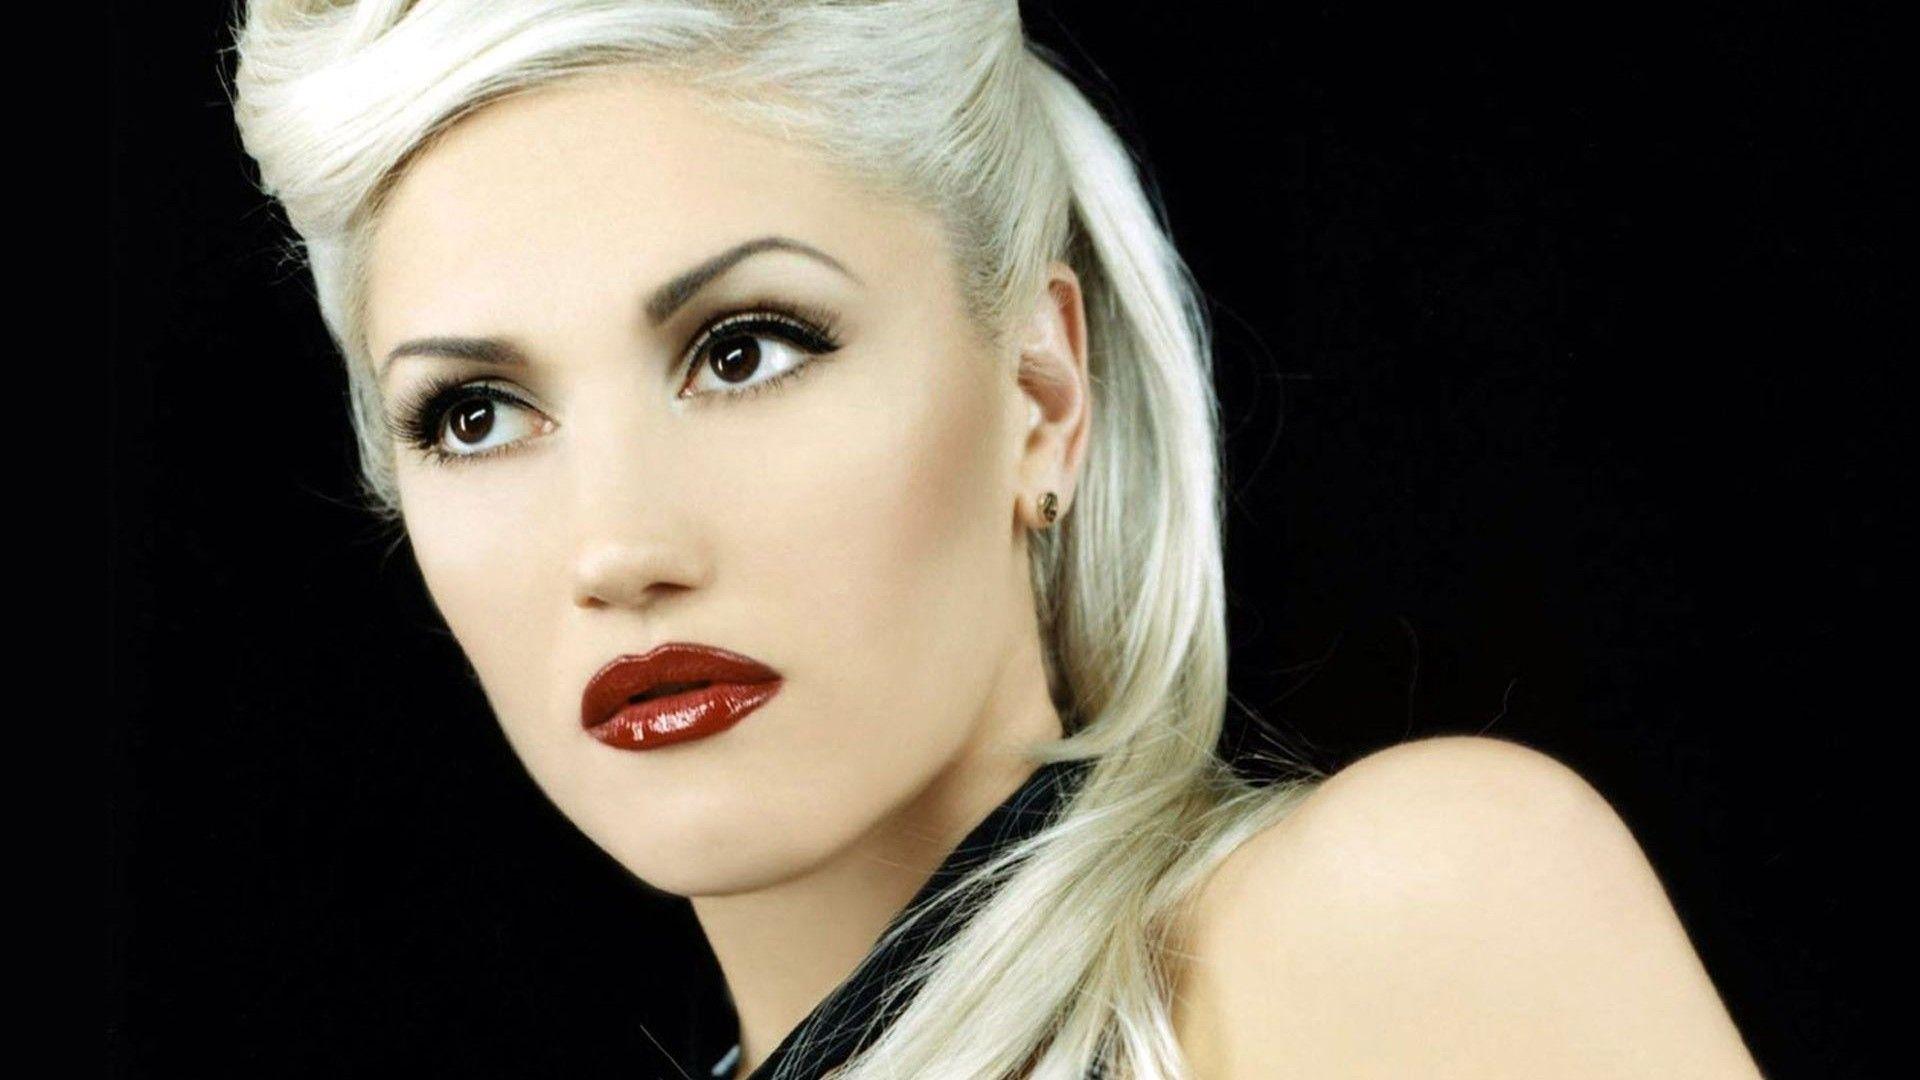 Gwen Stefani - Google Search